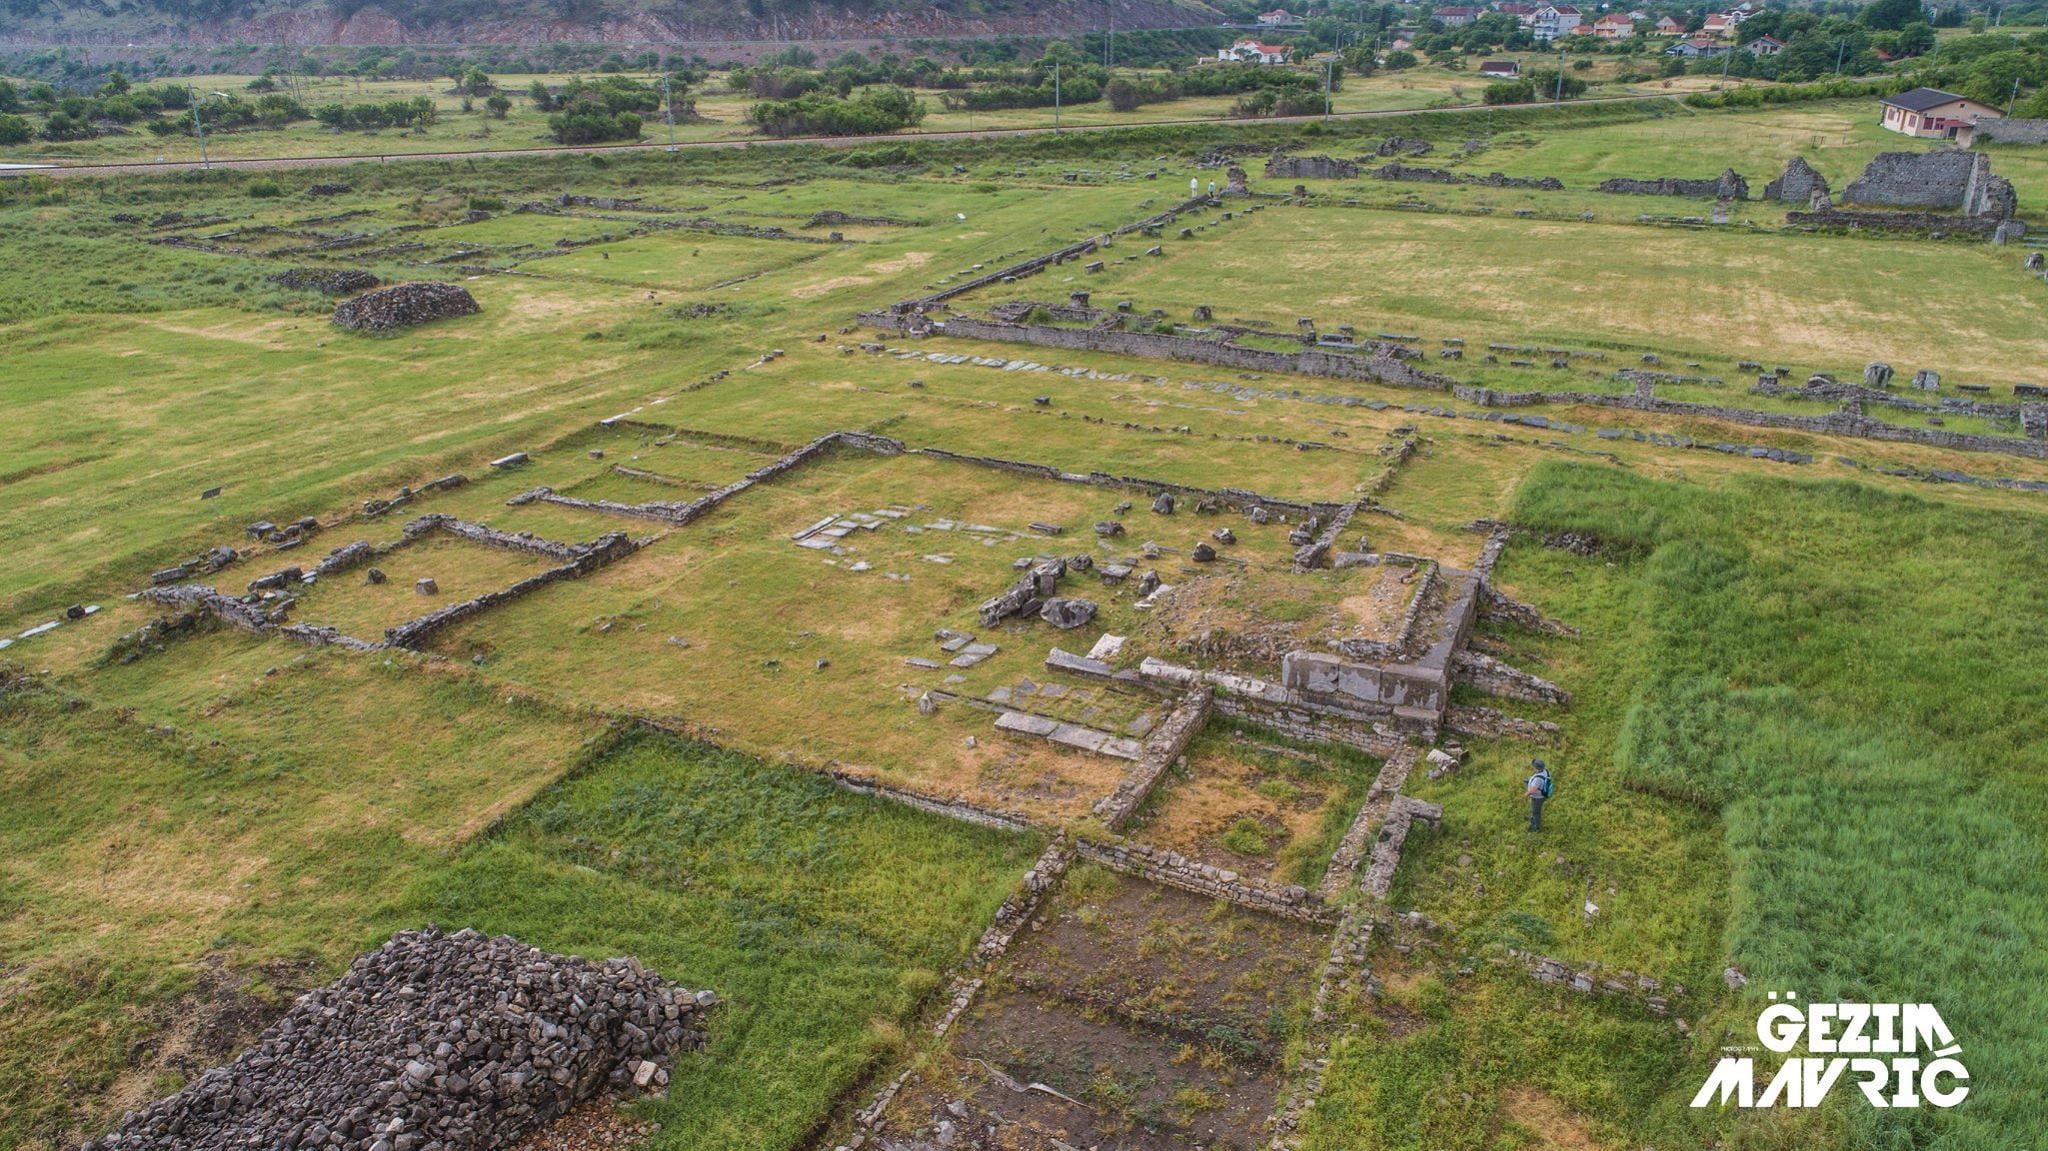 Doclea antike – Dukla. Vendi antik i Dokleatëve ilir. Këtu ka lind Perandori romak Diokleciani i cili sundoi prej vitit 284-305 e.re.